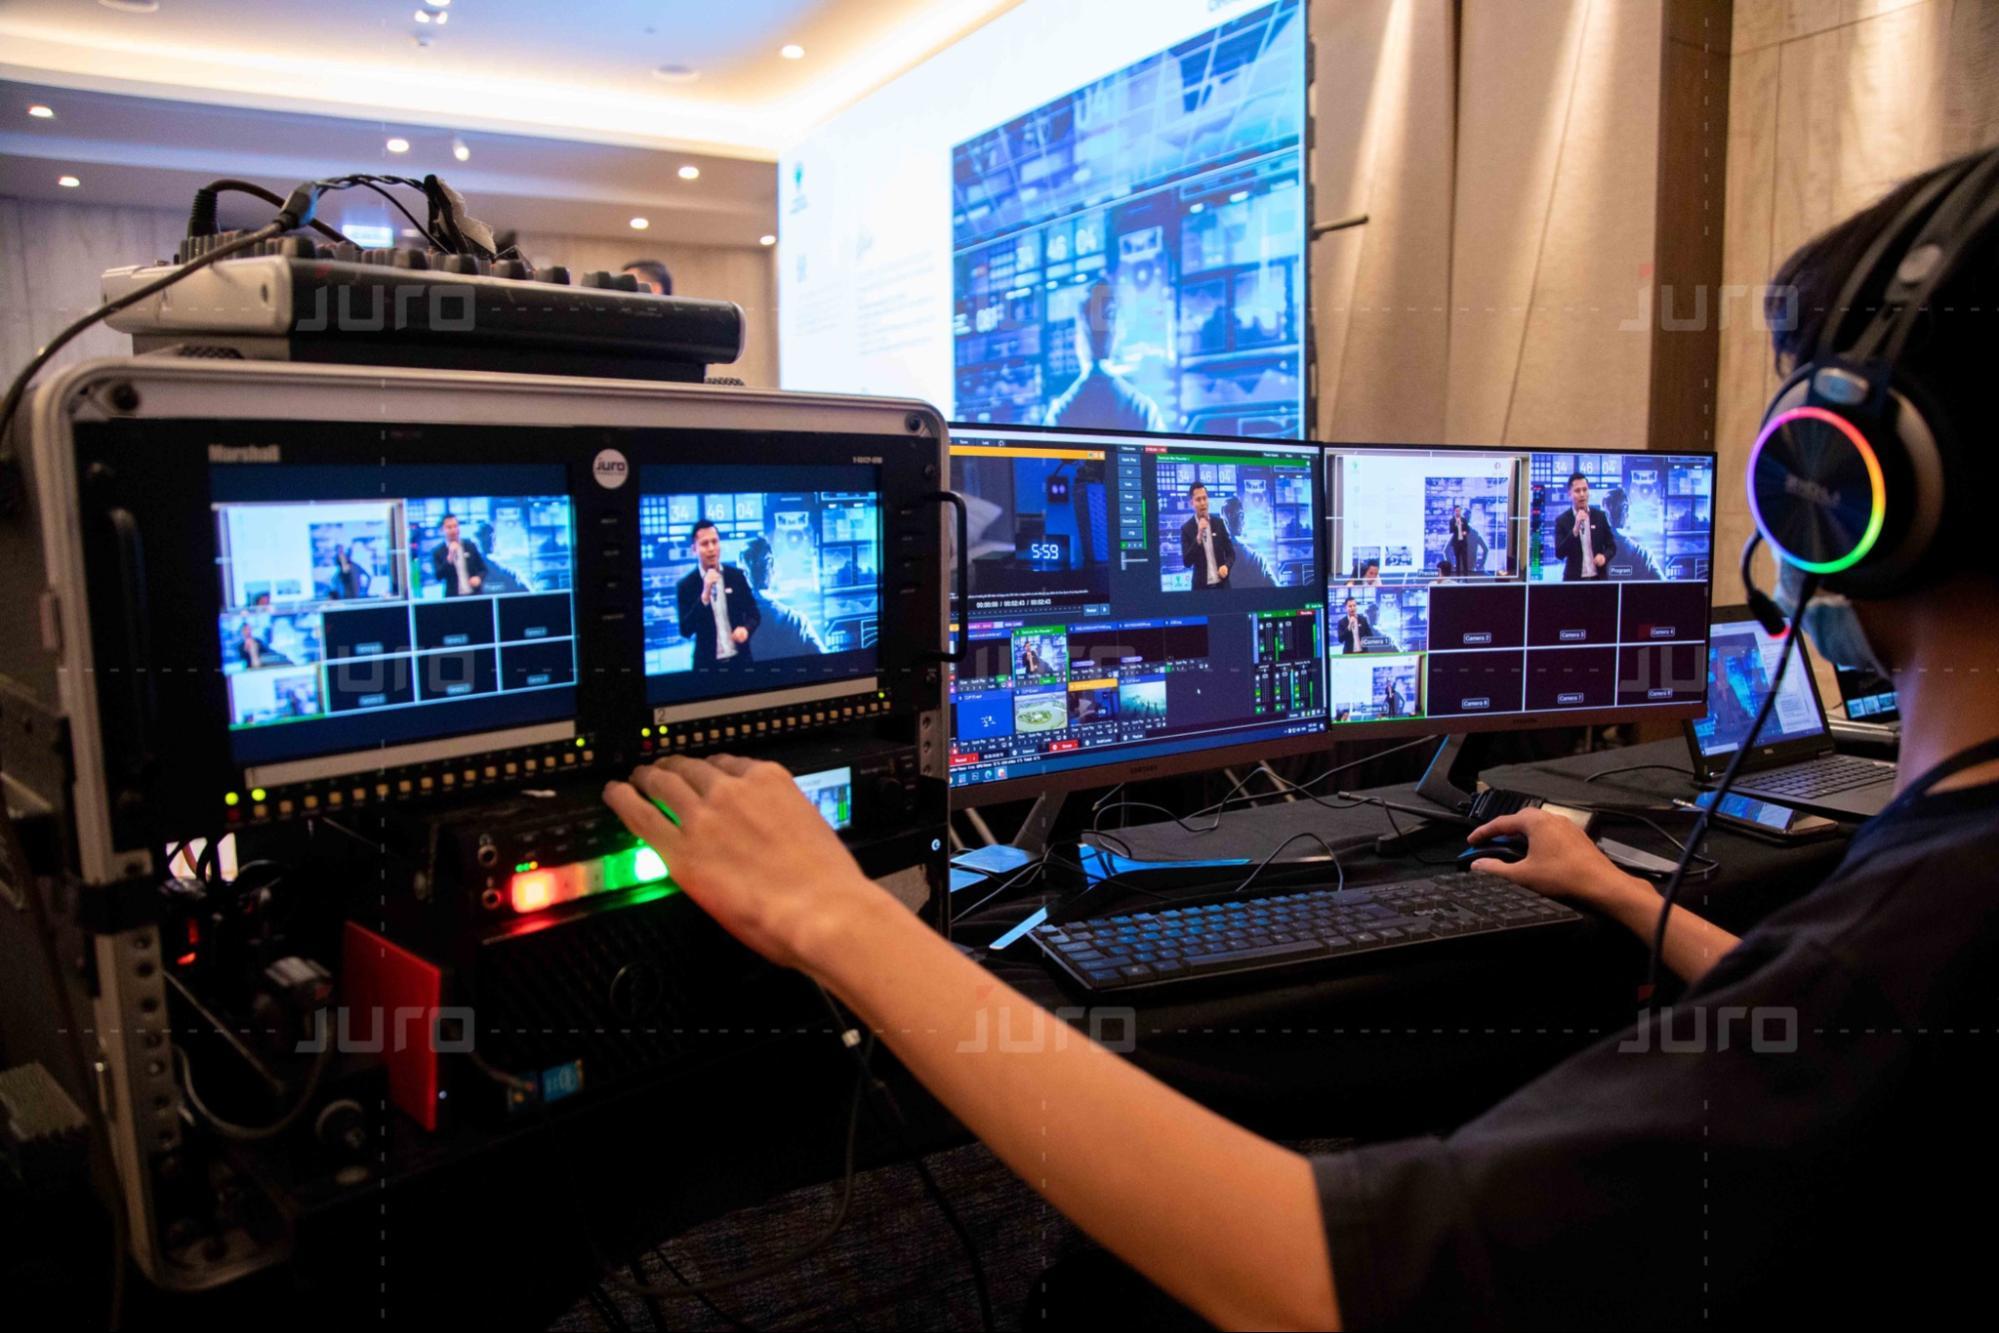 Dịch vụ Livestream chuyên nghiệp tạo dấu ấn riêng cho doanh nghiệp